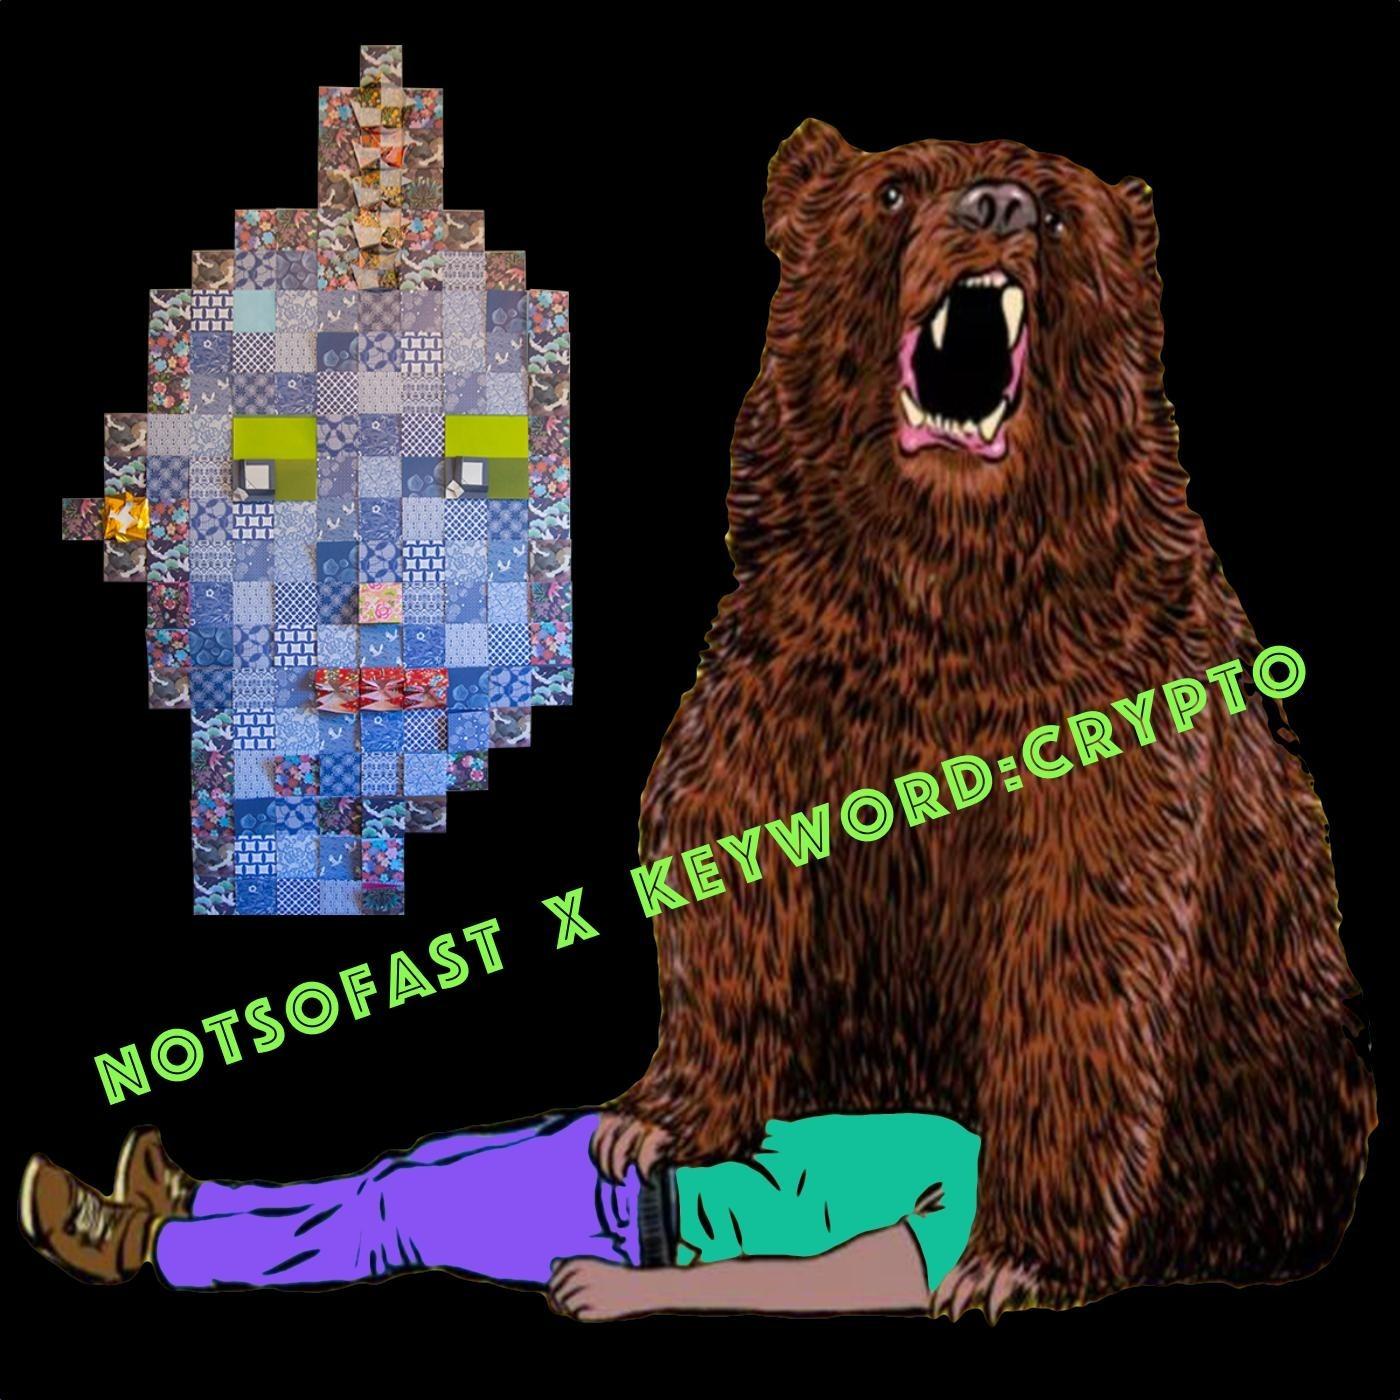 Notsofast x KWC